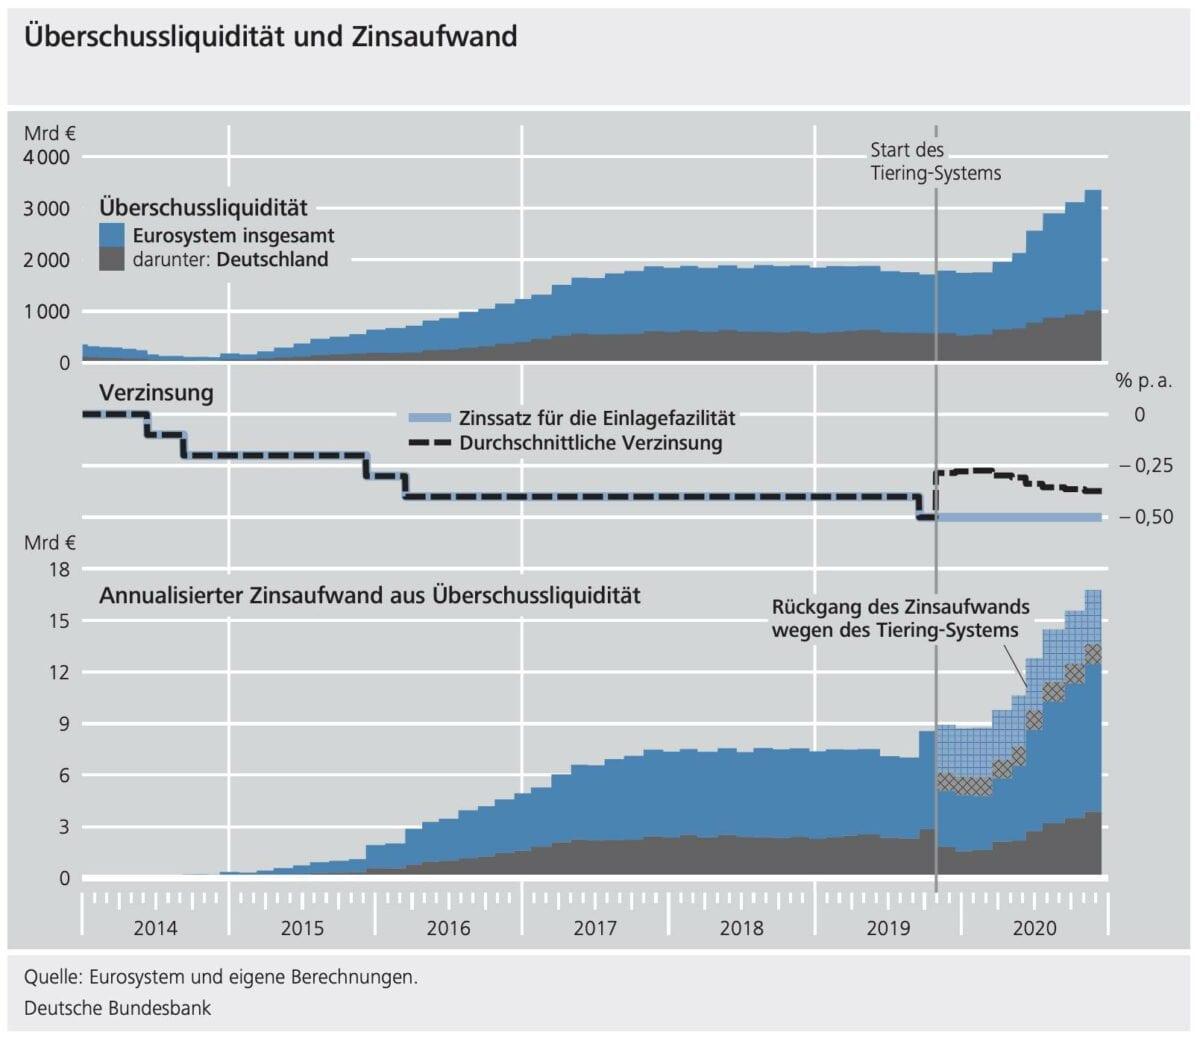 Grafik zeigt Bundesbank-Daten zu Strafzinsen und Überschussliquidität